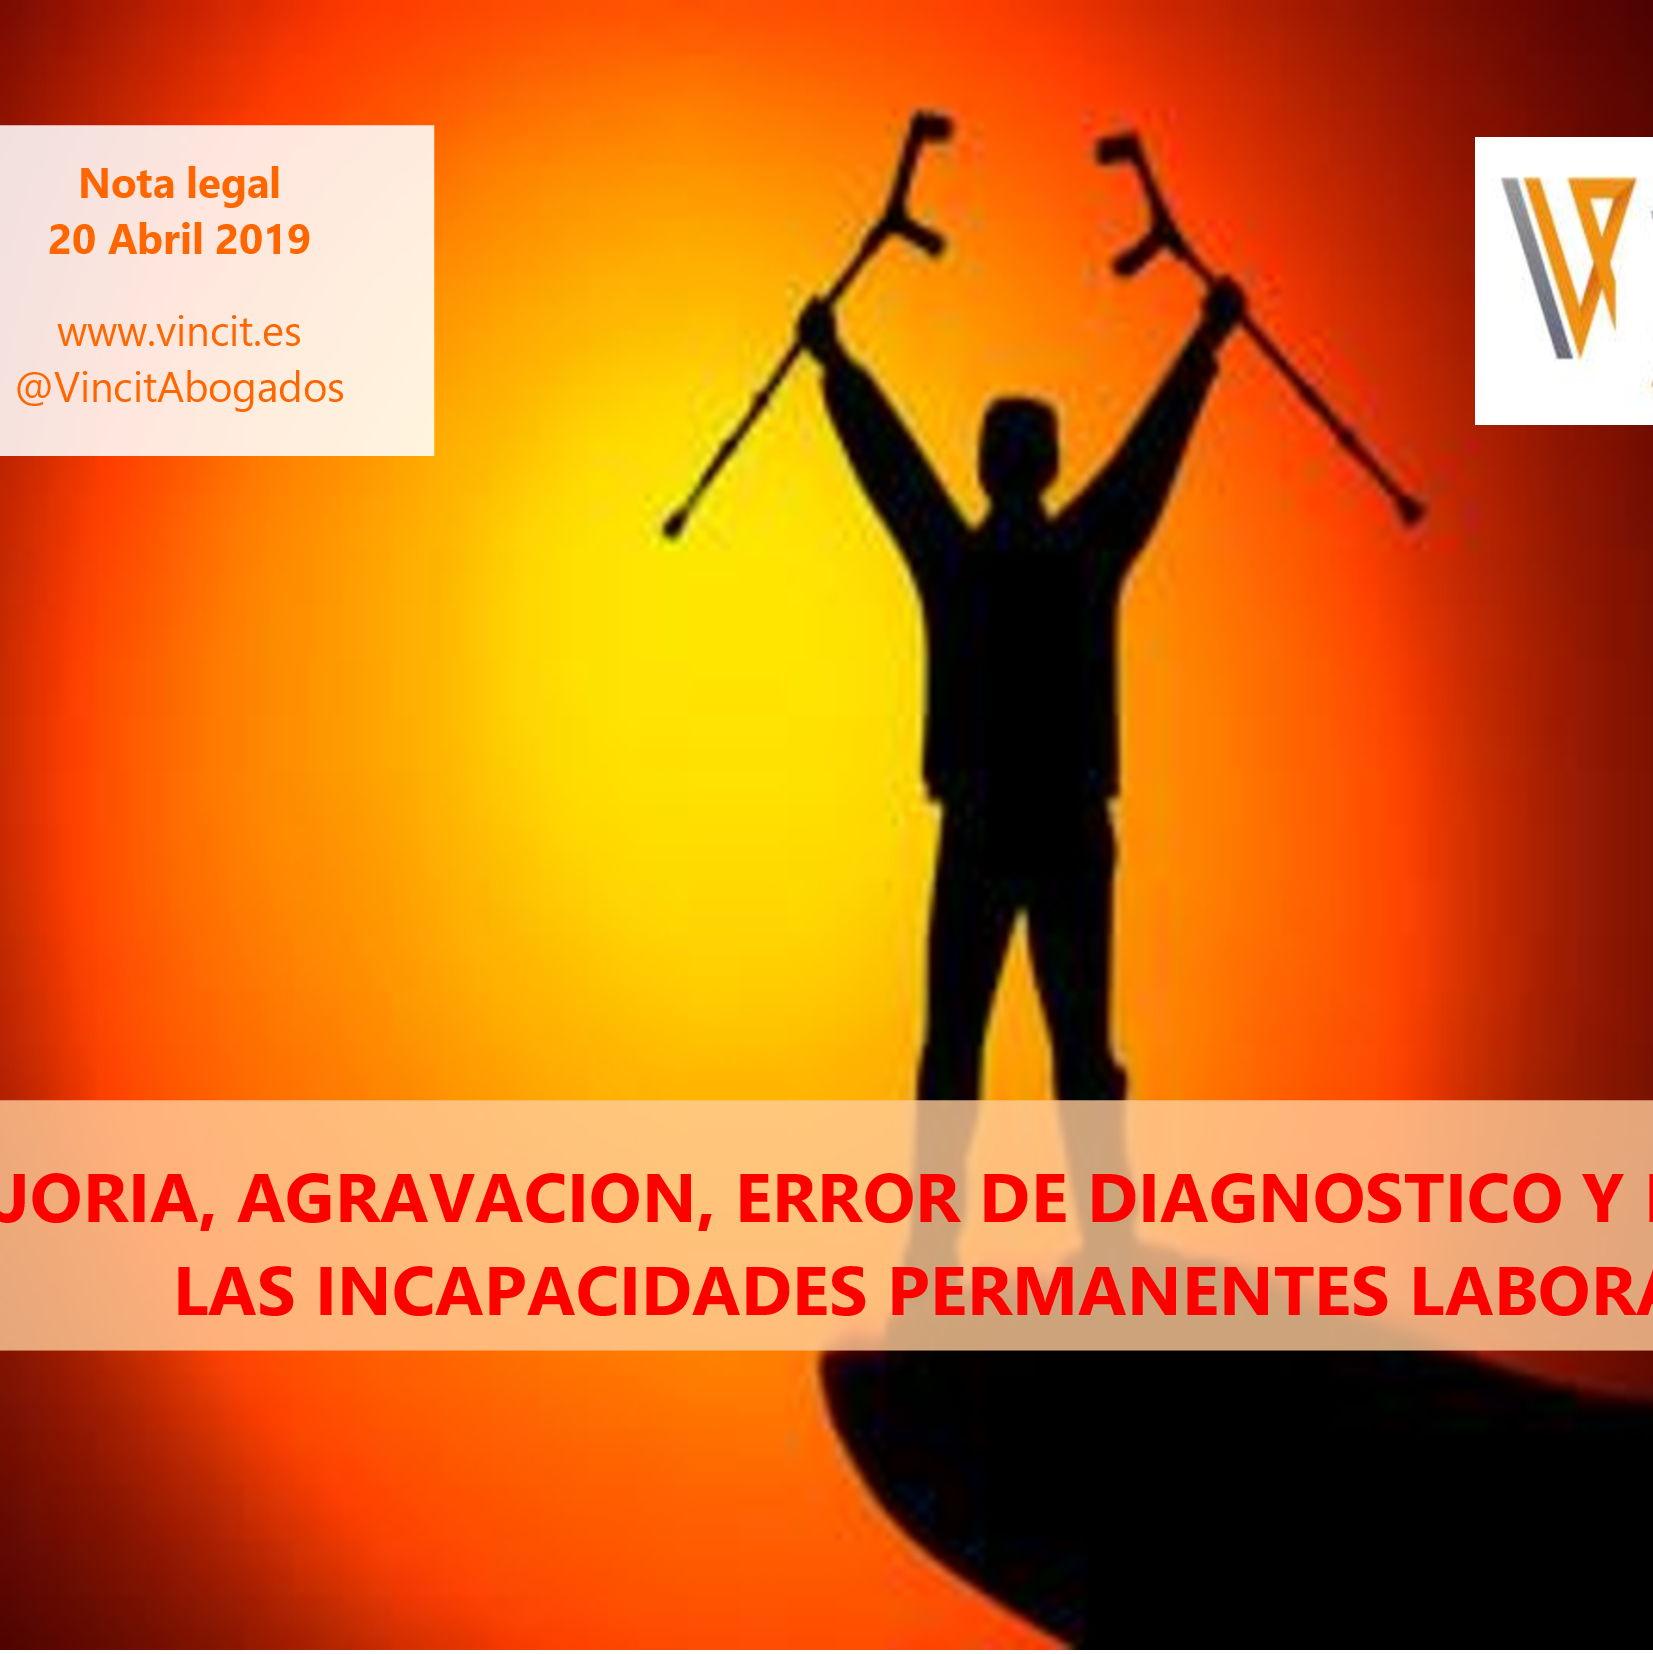 Consulte nuestras notas jurídicas, novedades y recomendaciones en www.vincit.es